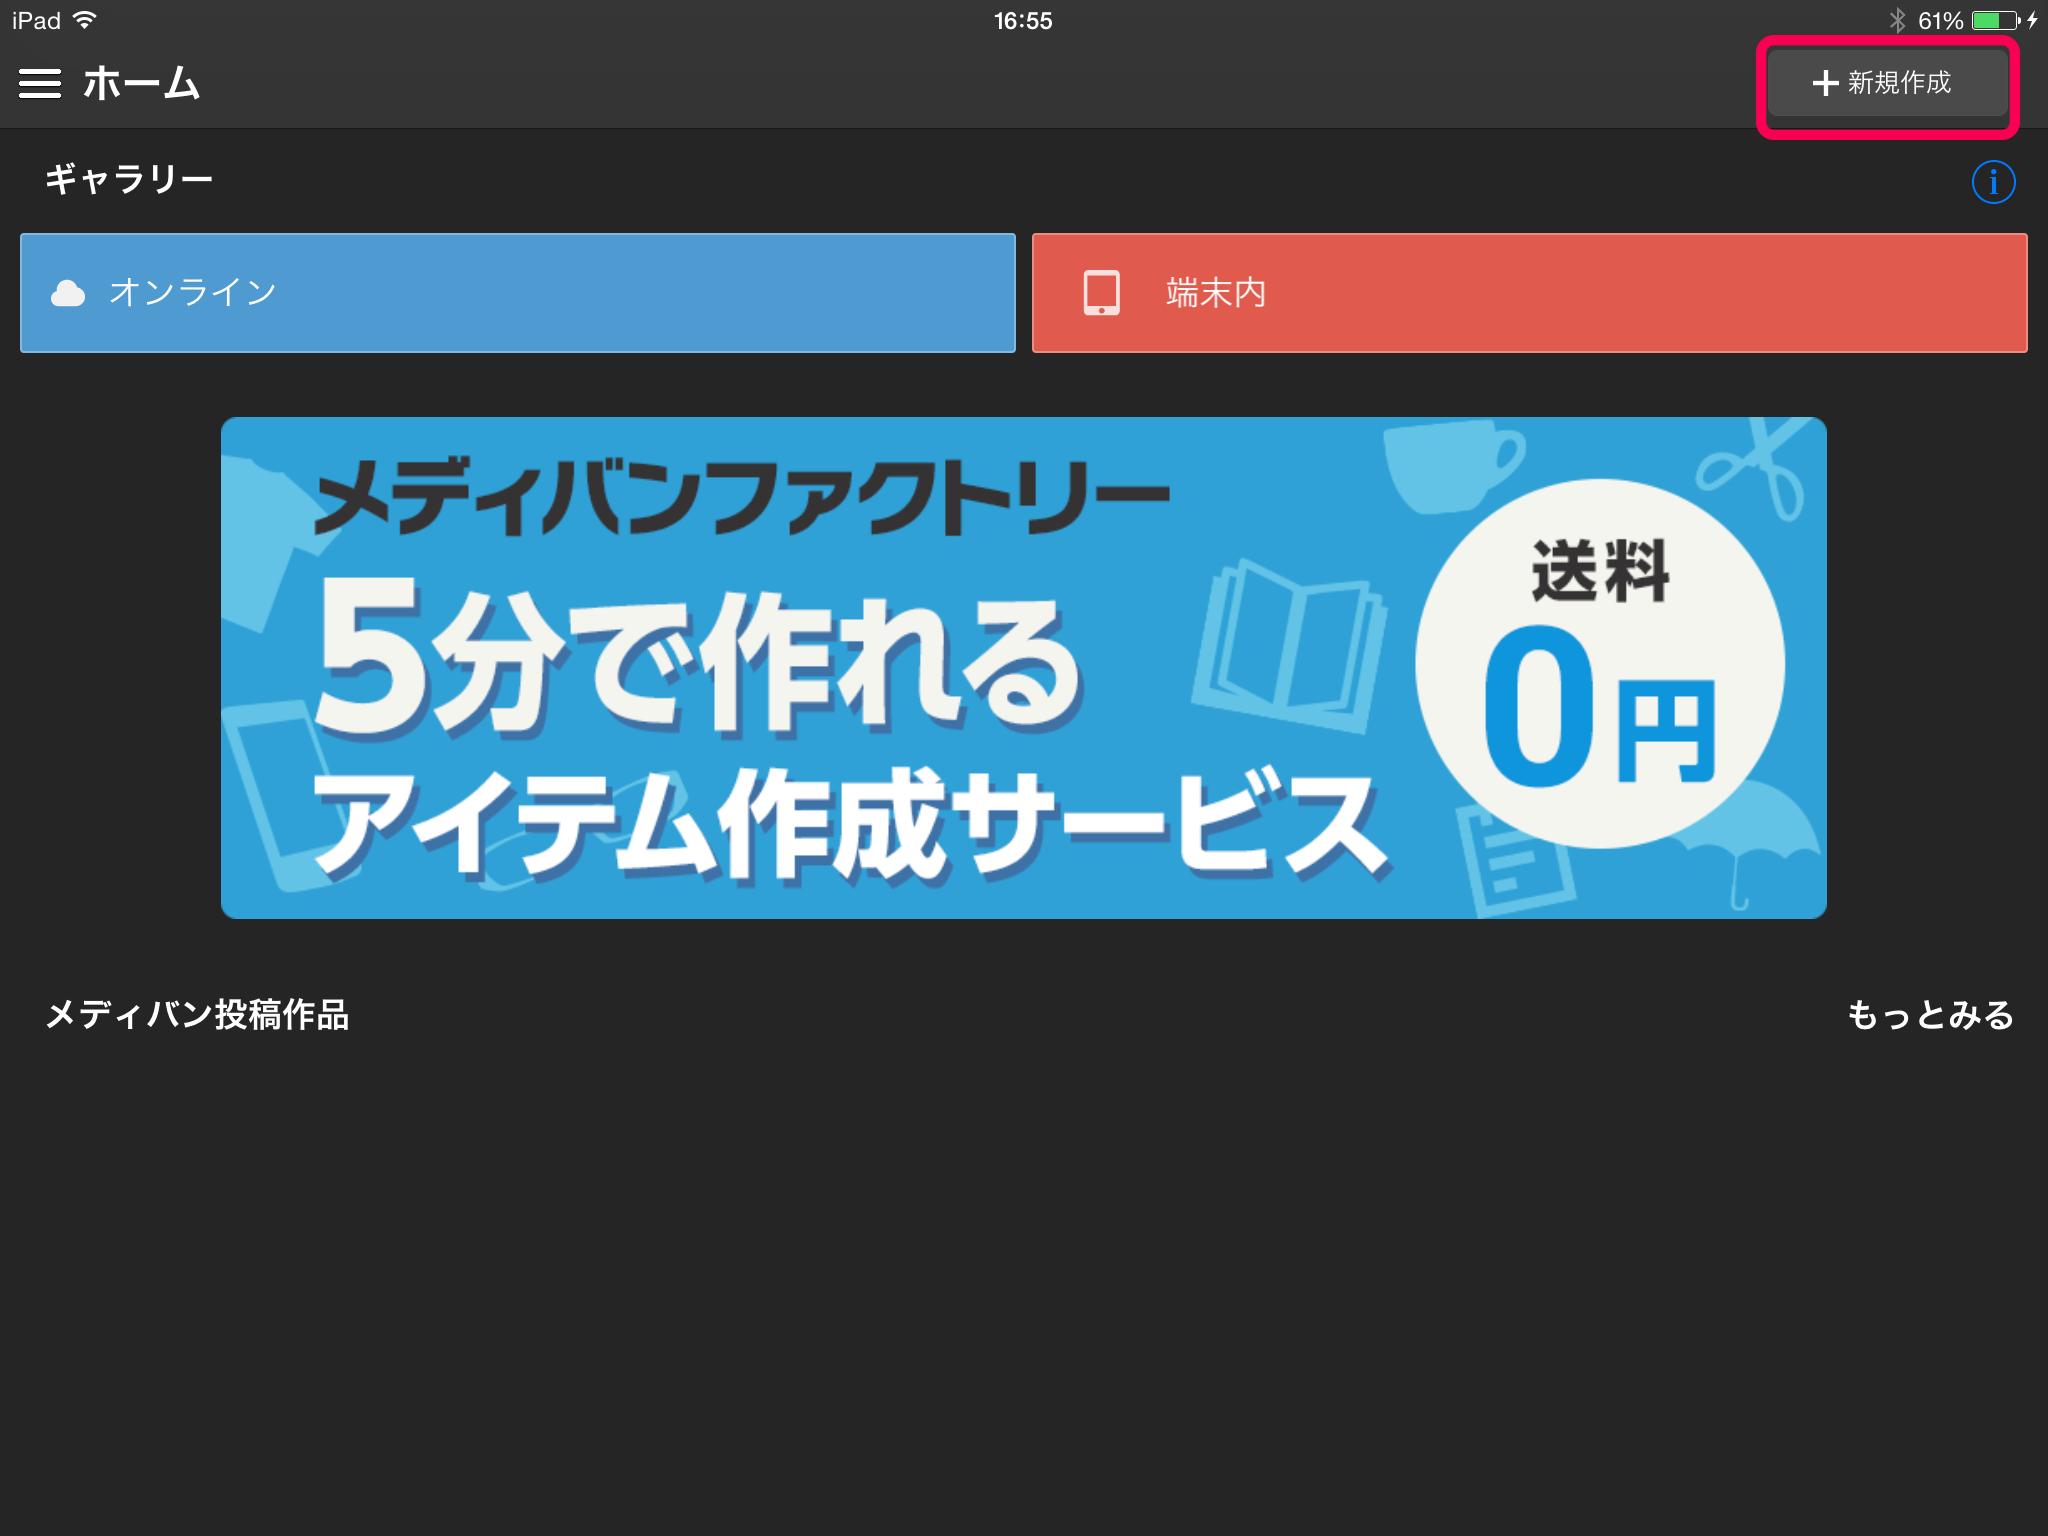 【iPad】新規作成